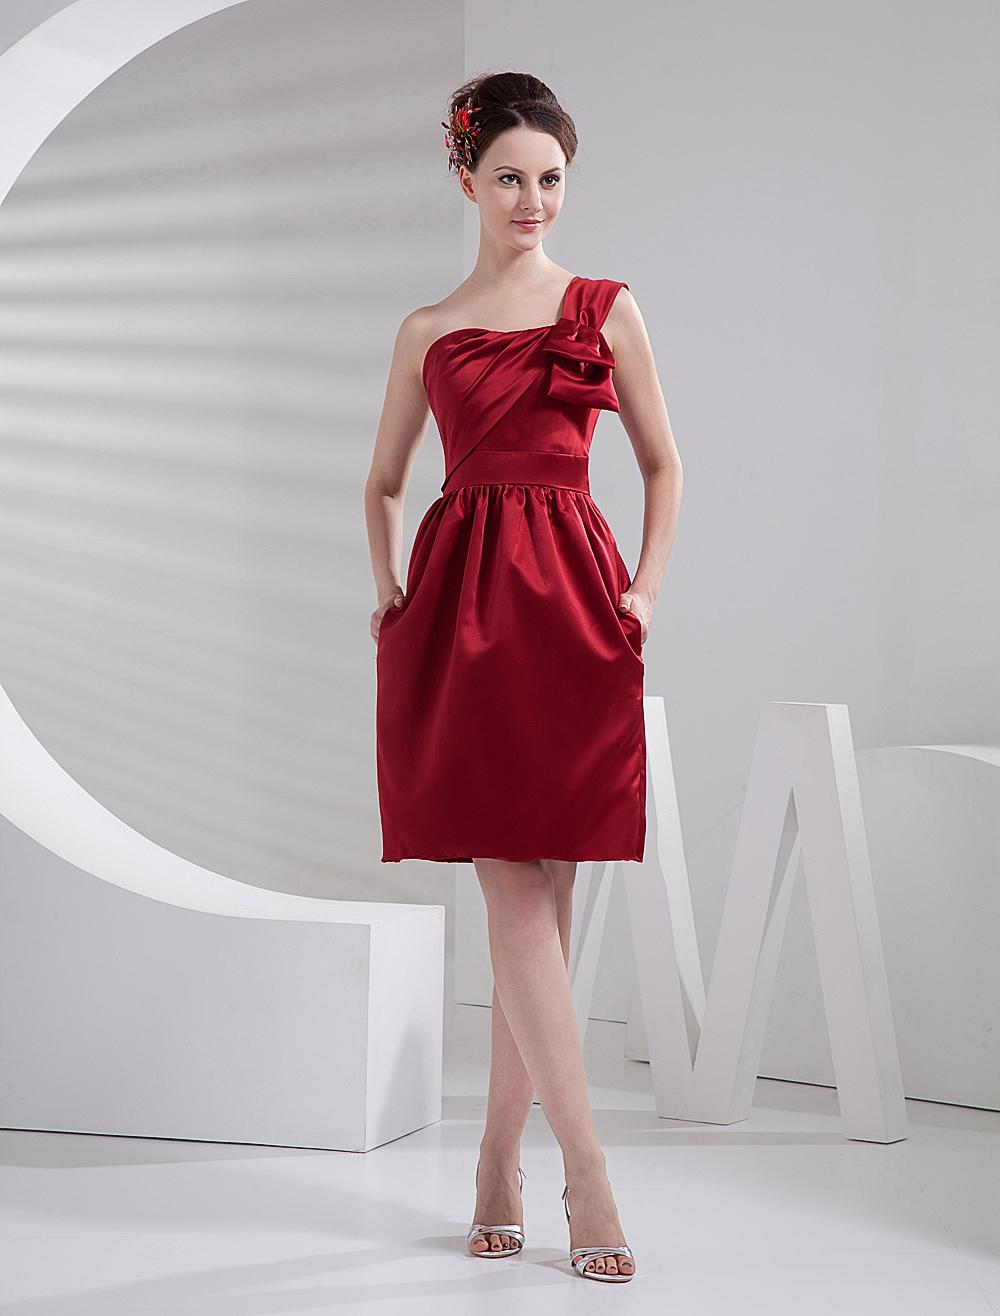 Burgundy Knee Length Satin One-Shoulder Bridesmaid Dress - Milanoo.com